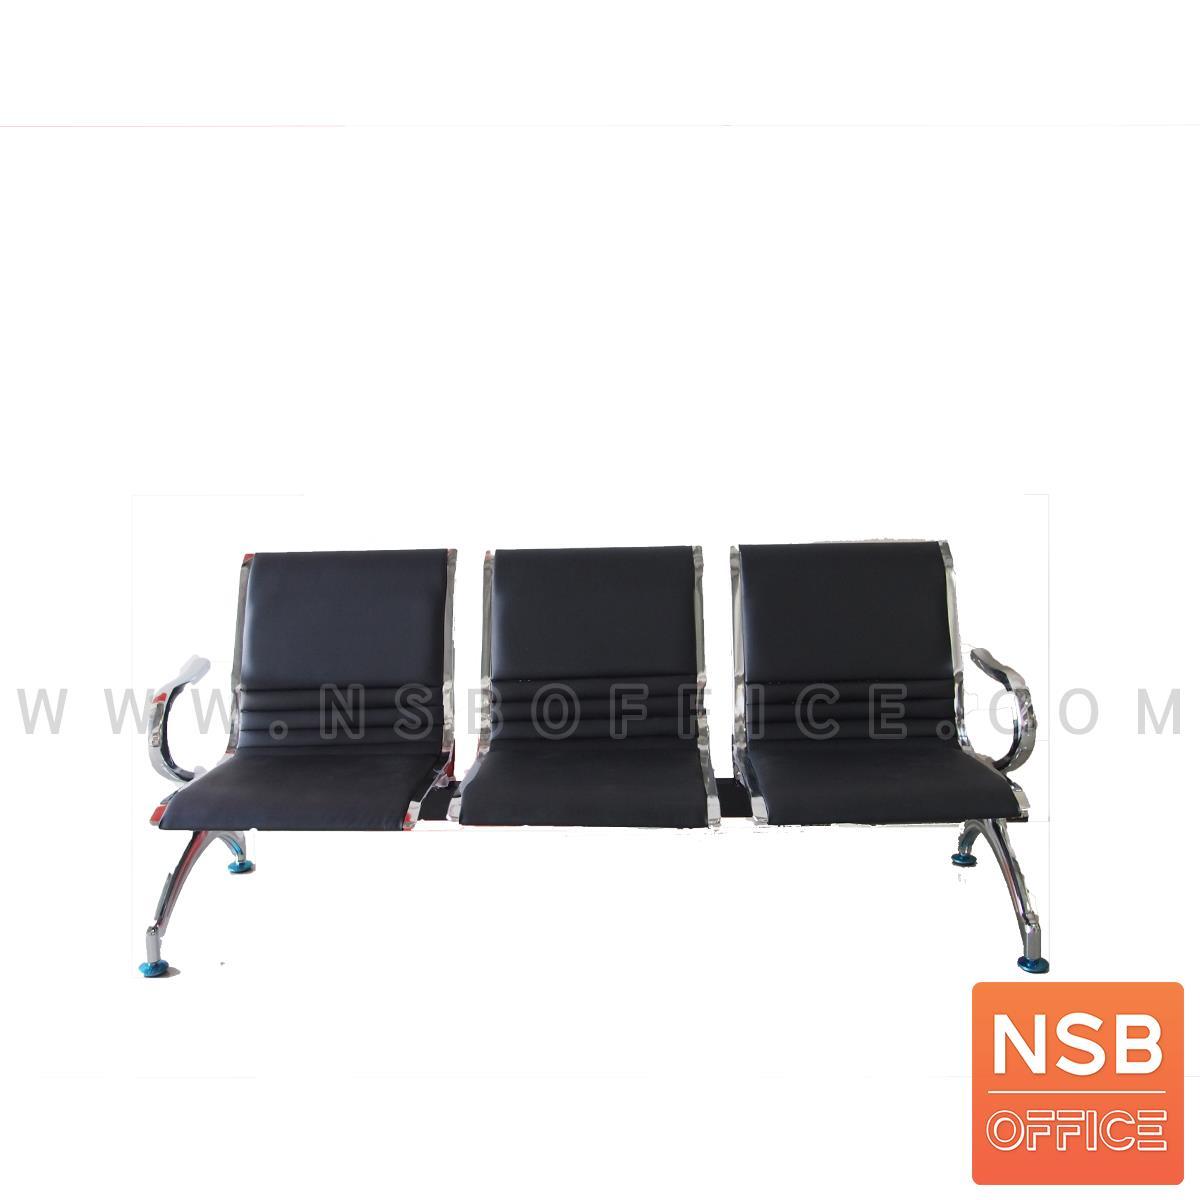 B06A156:เก้าอี้นั่งคอยเหล็กหุ้มหนังเทียม รุ่น Chebyshev (เชบีเชฟ) 3, 4 ที่นั่ง ขนาด 175W, 223W cm.